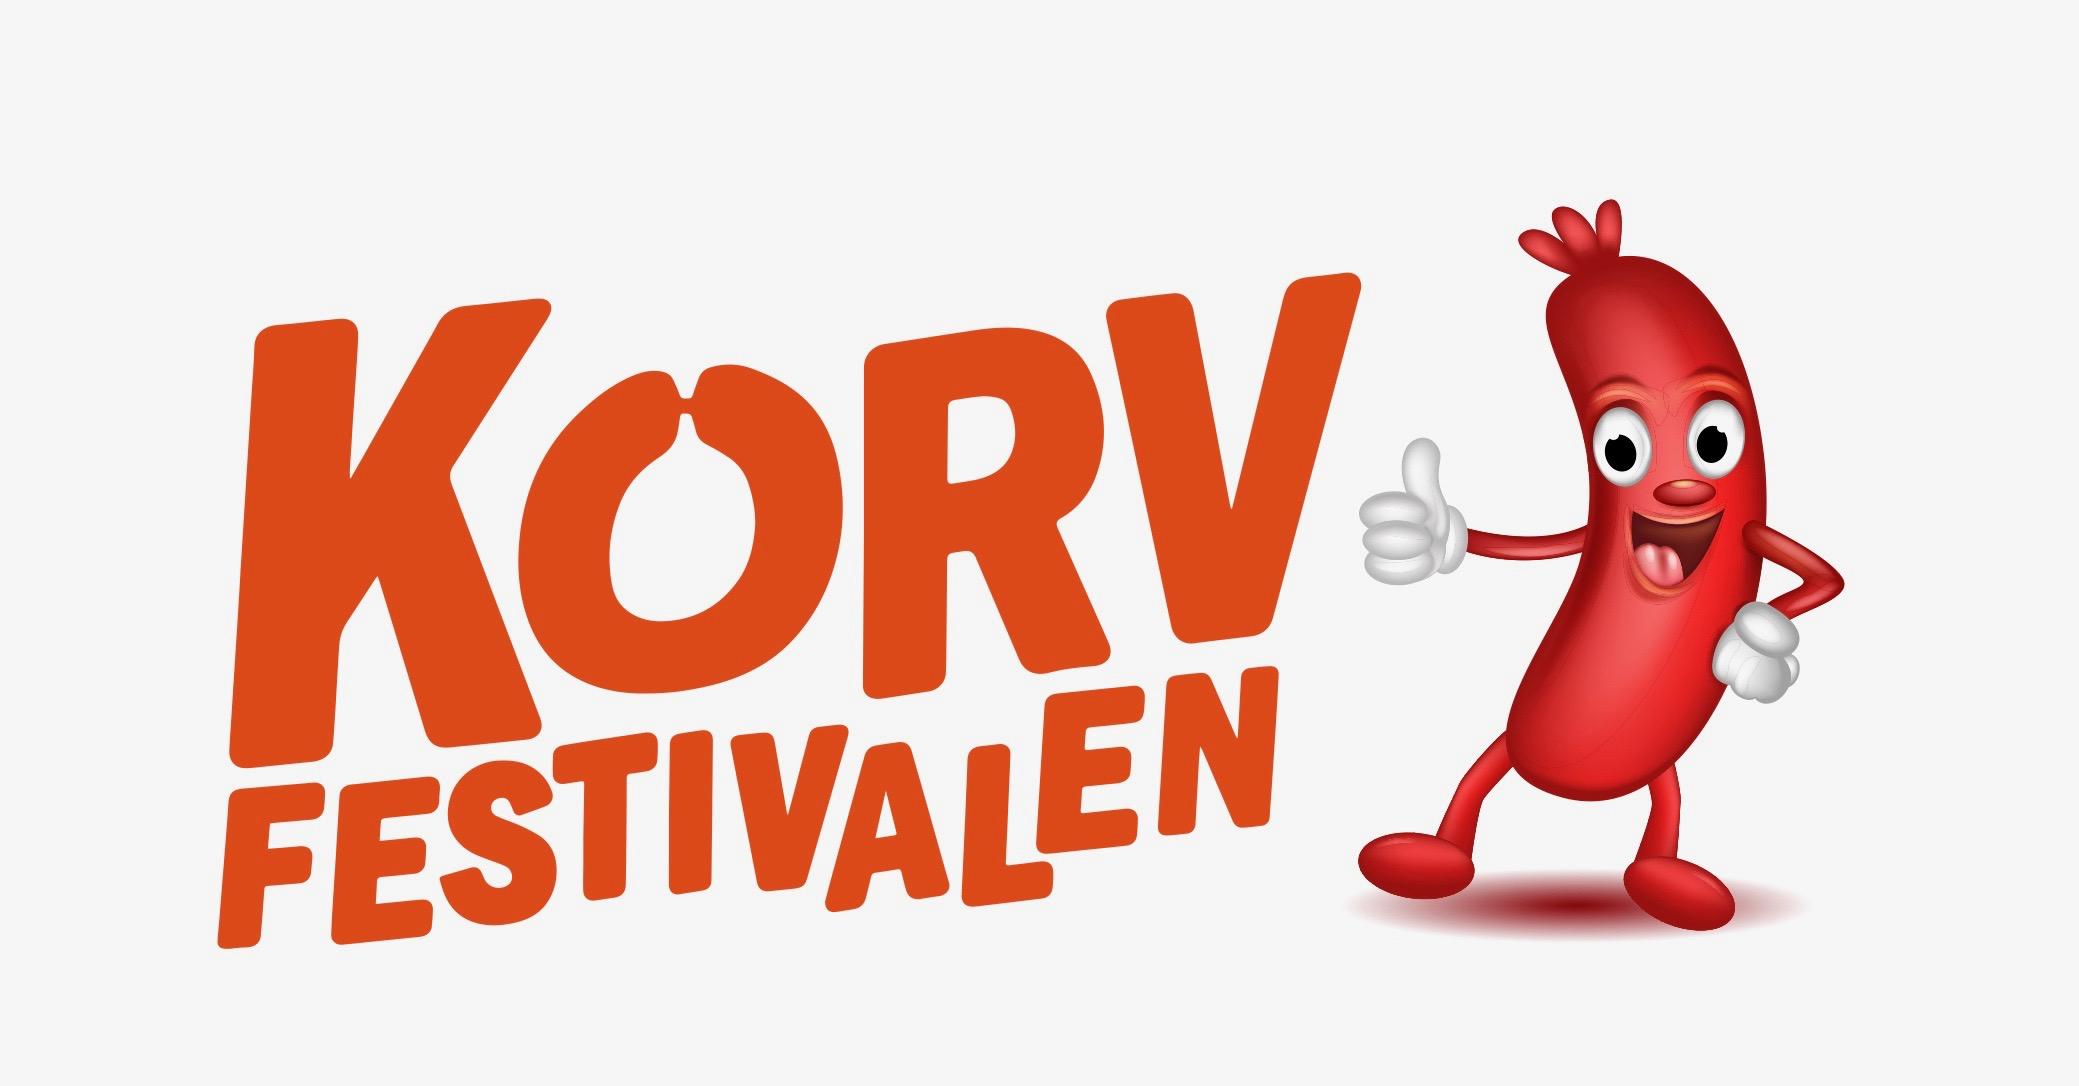 Korvfestivalen